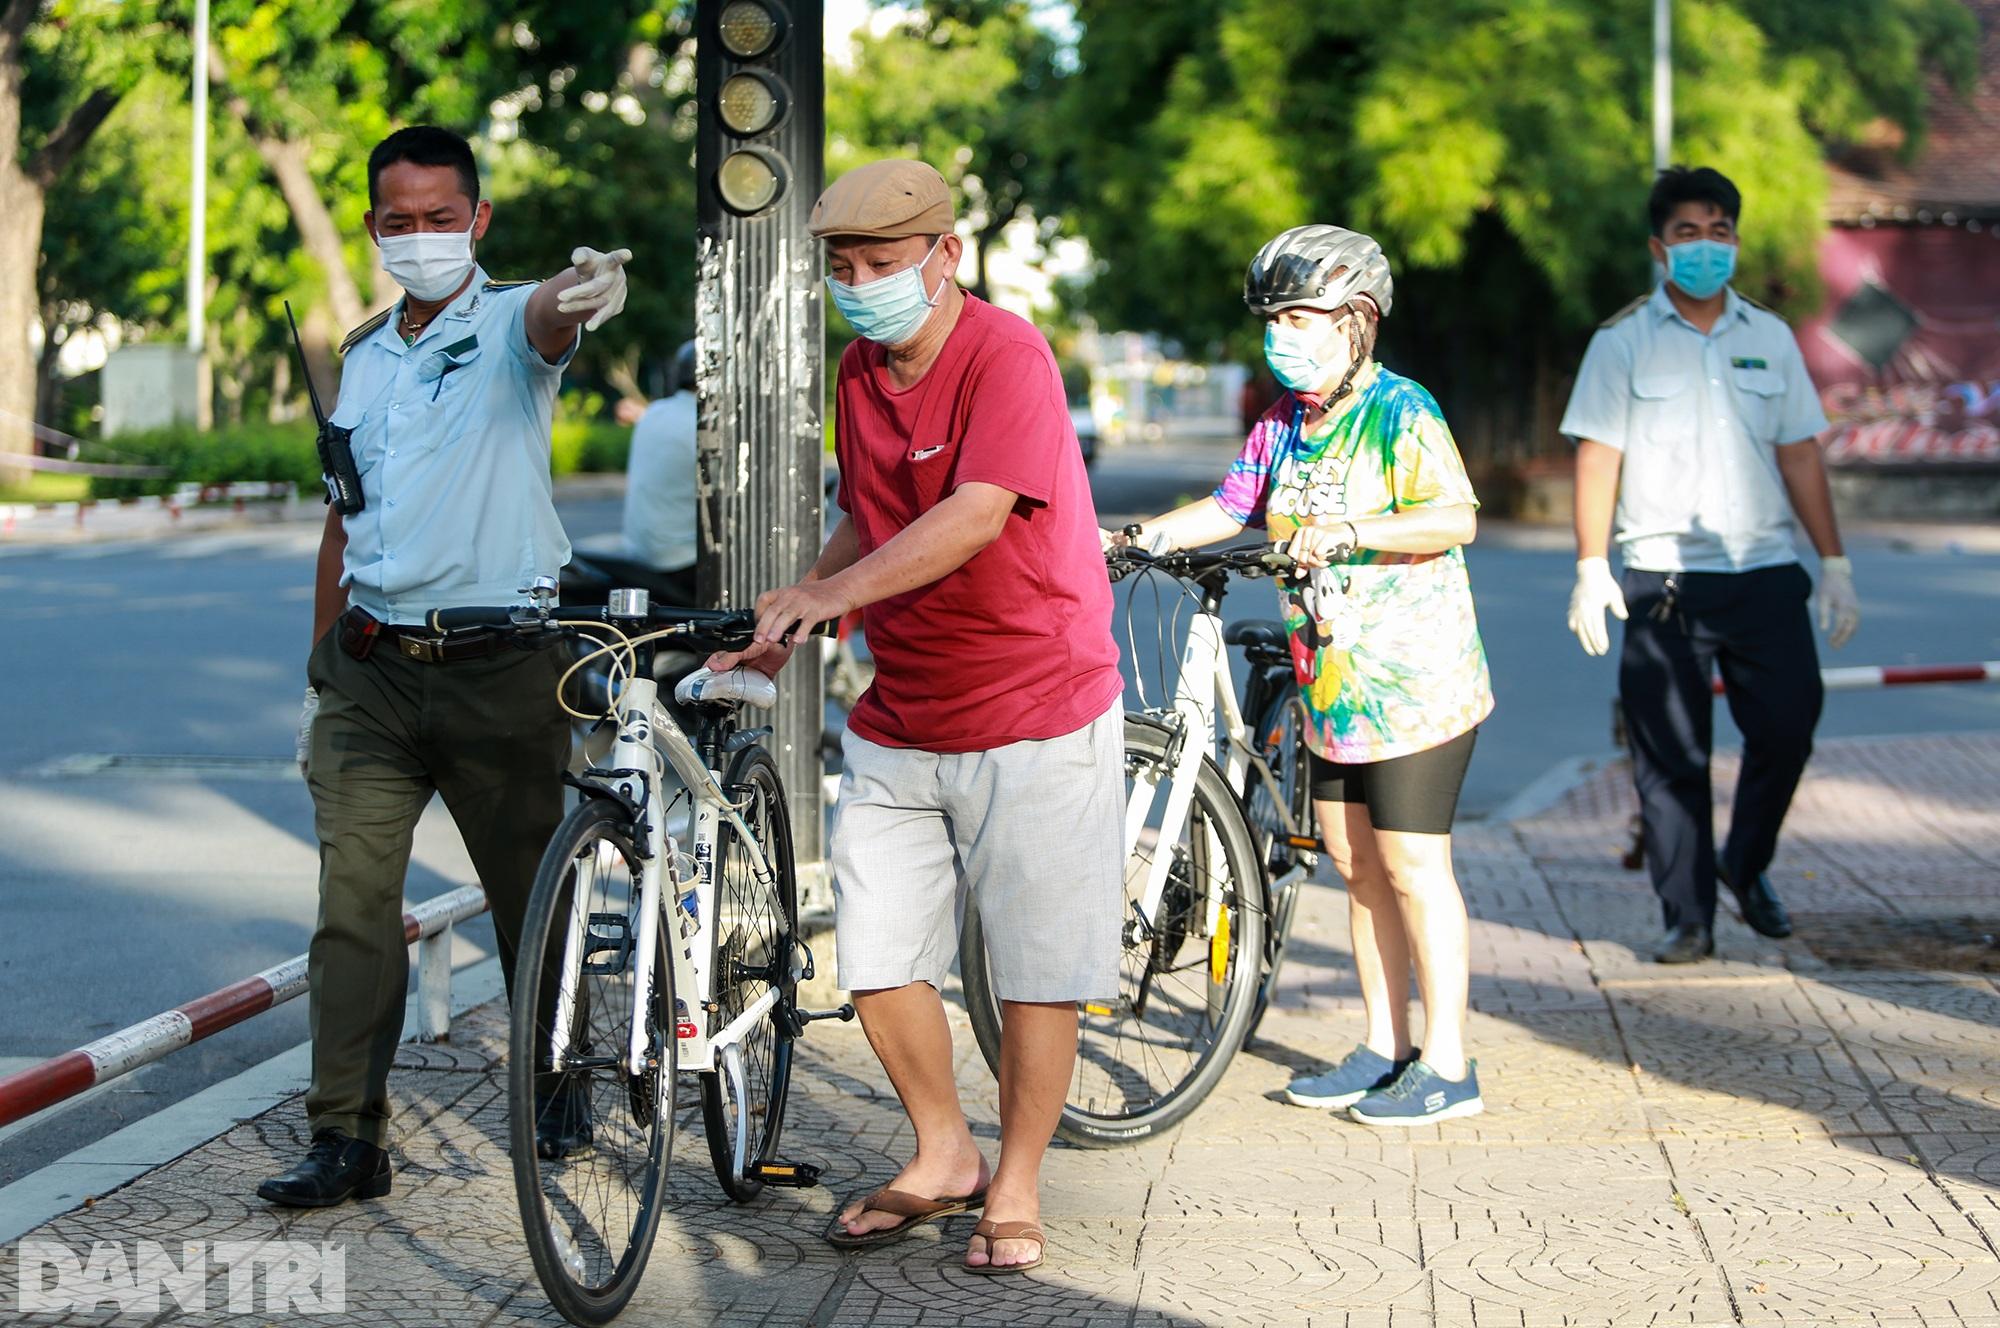 Đạp xe ra đường ở TPHCM với lý do mập mờ không thể xác thực bị phạt 2 triệu - 8